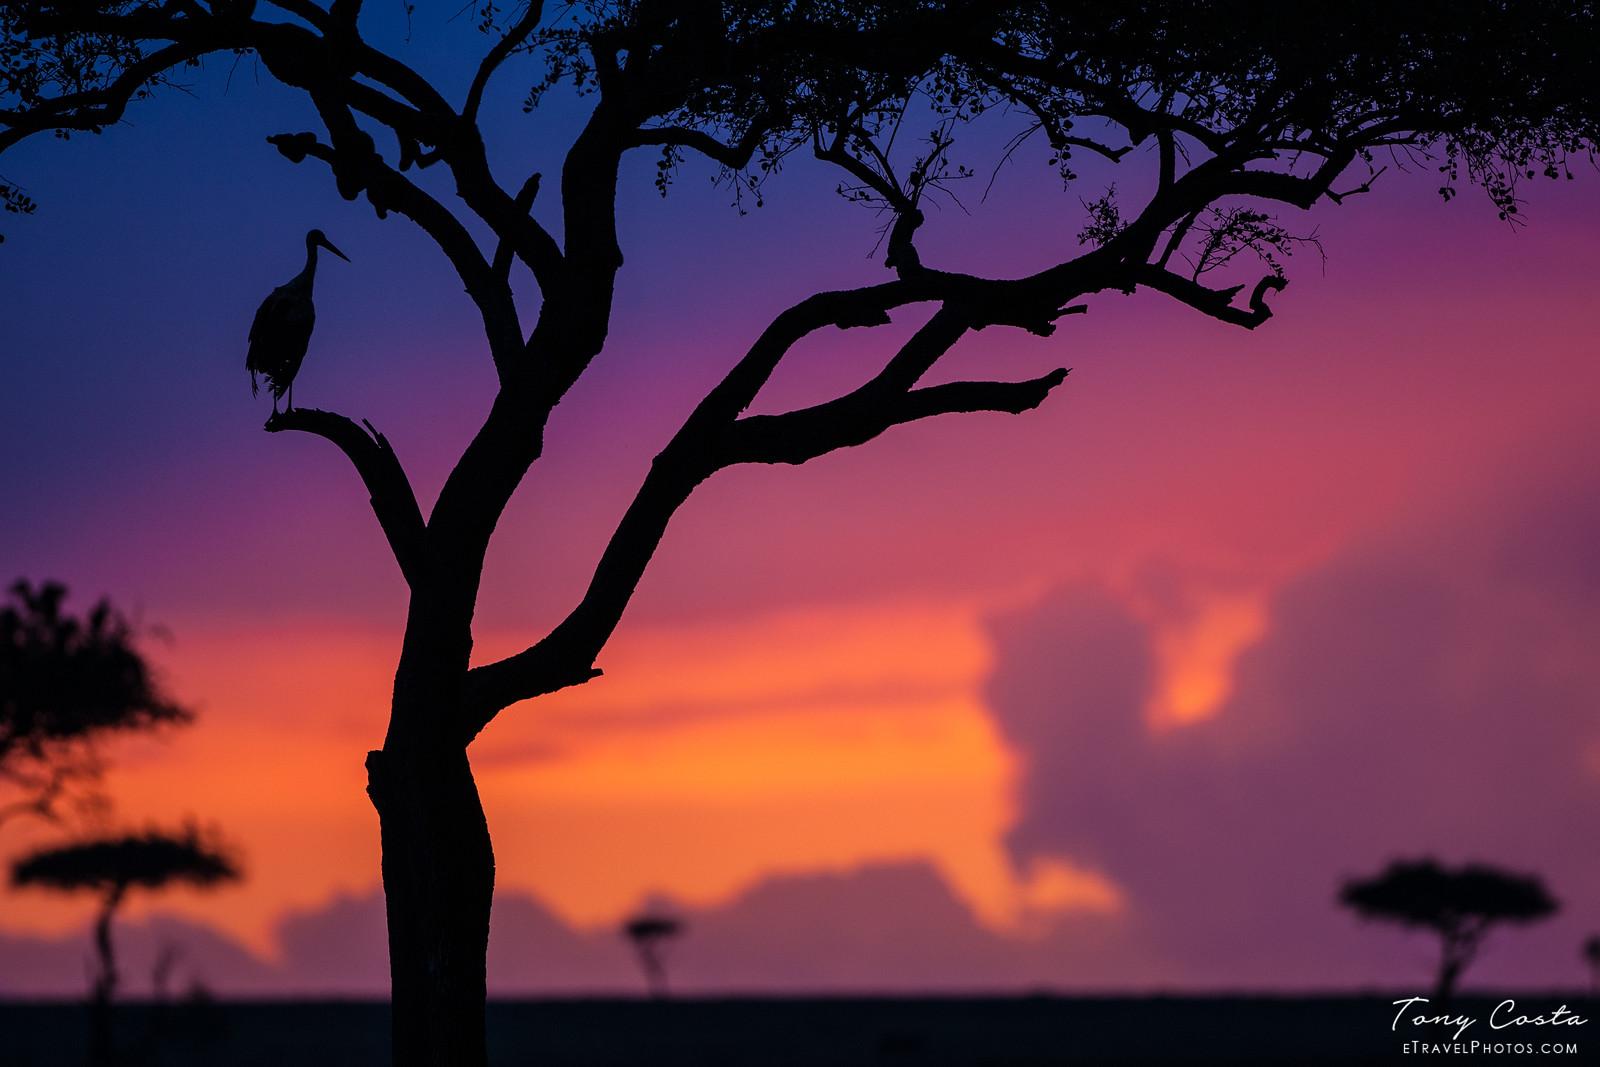 Marabou Stork at sunset